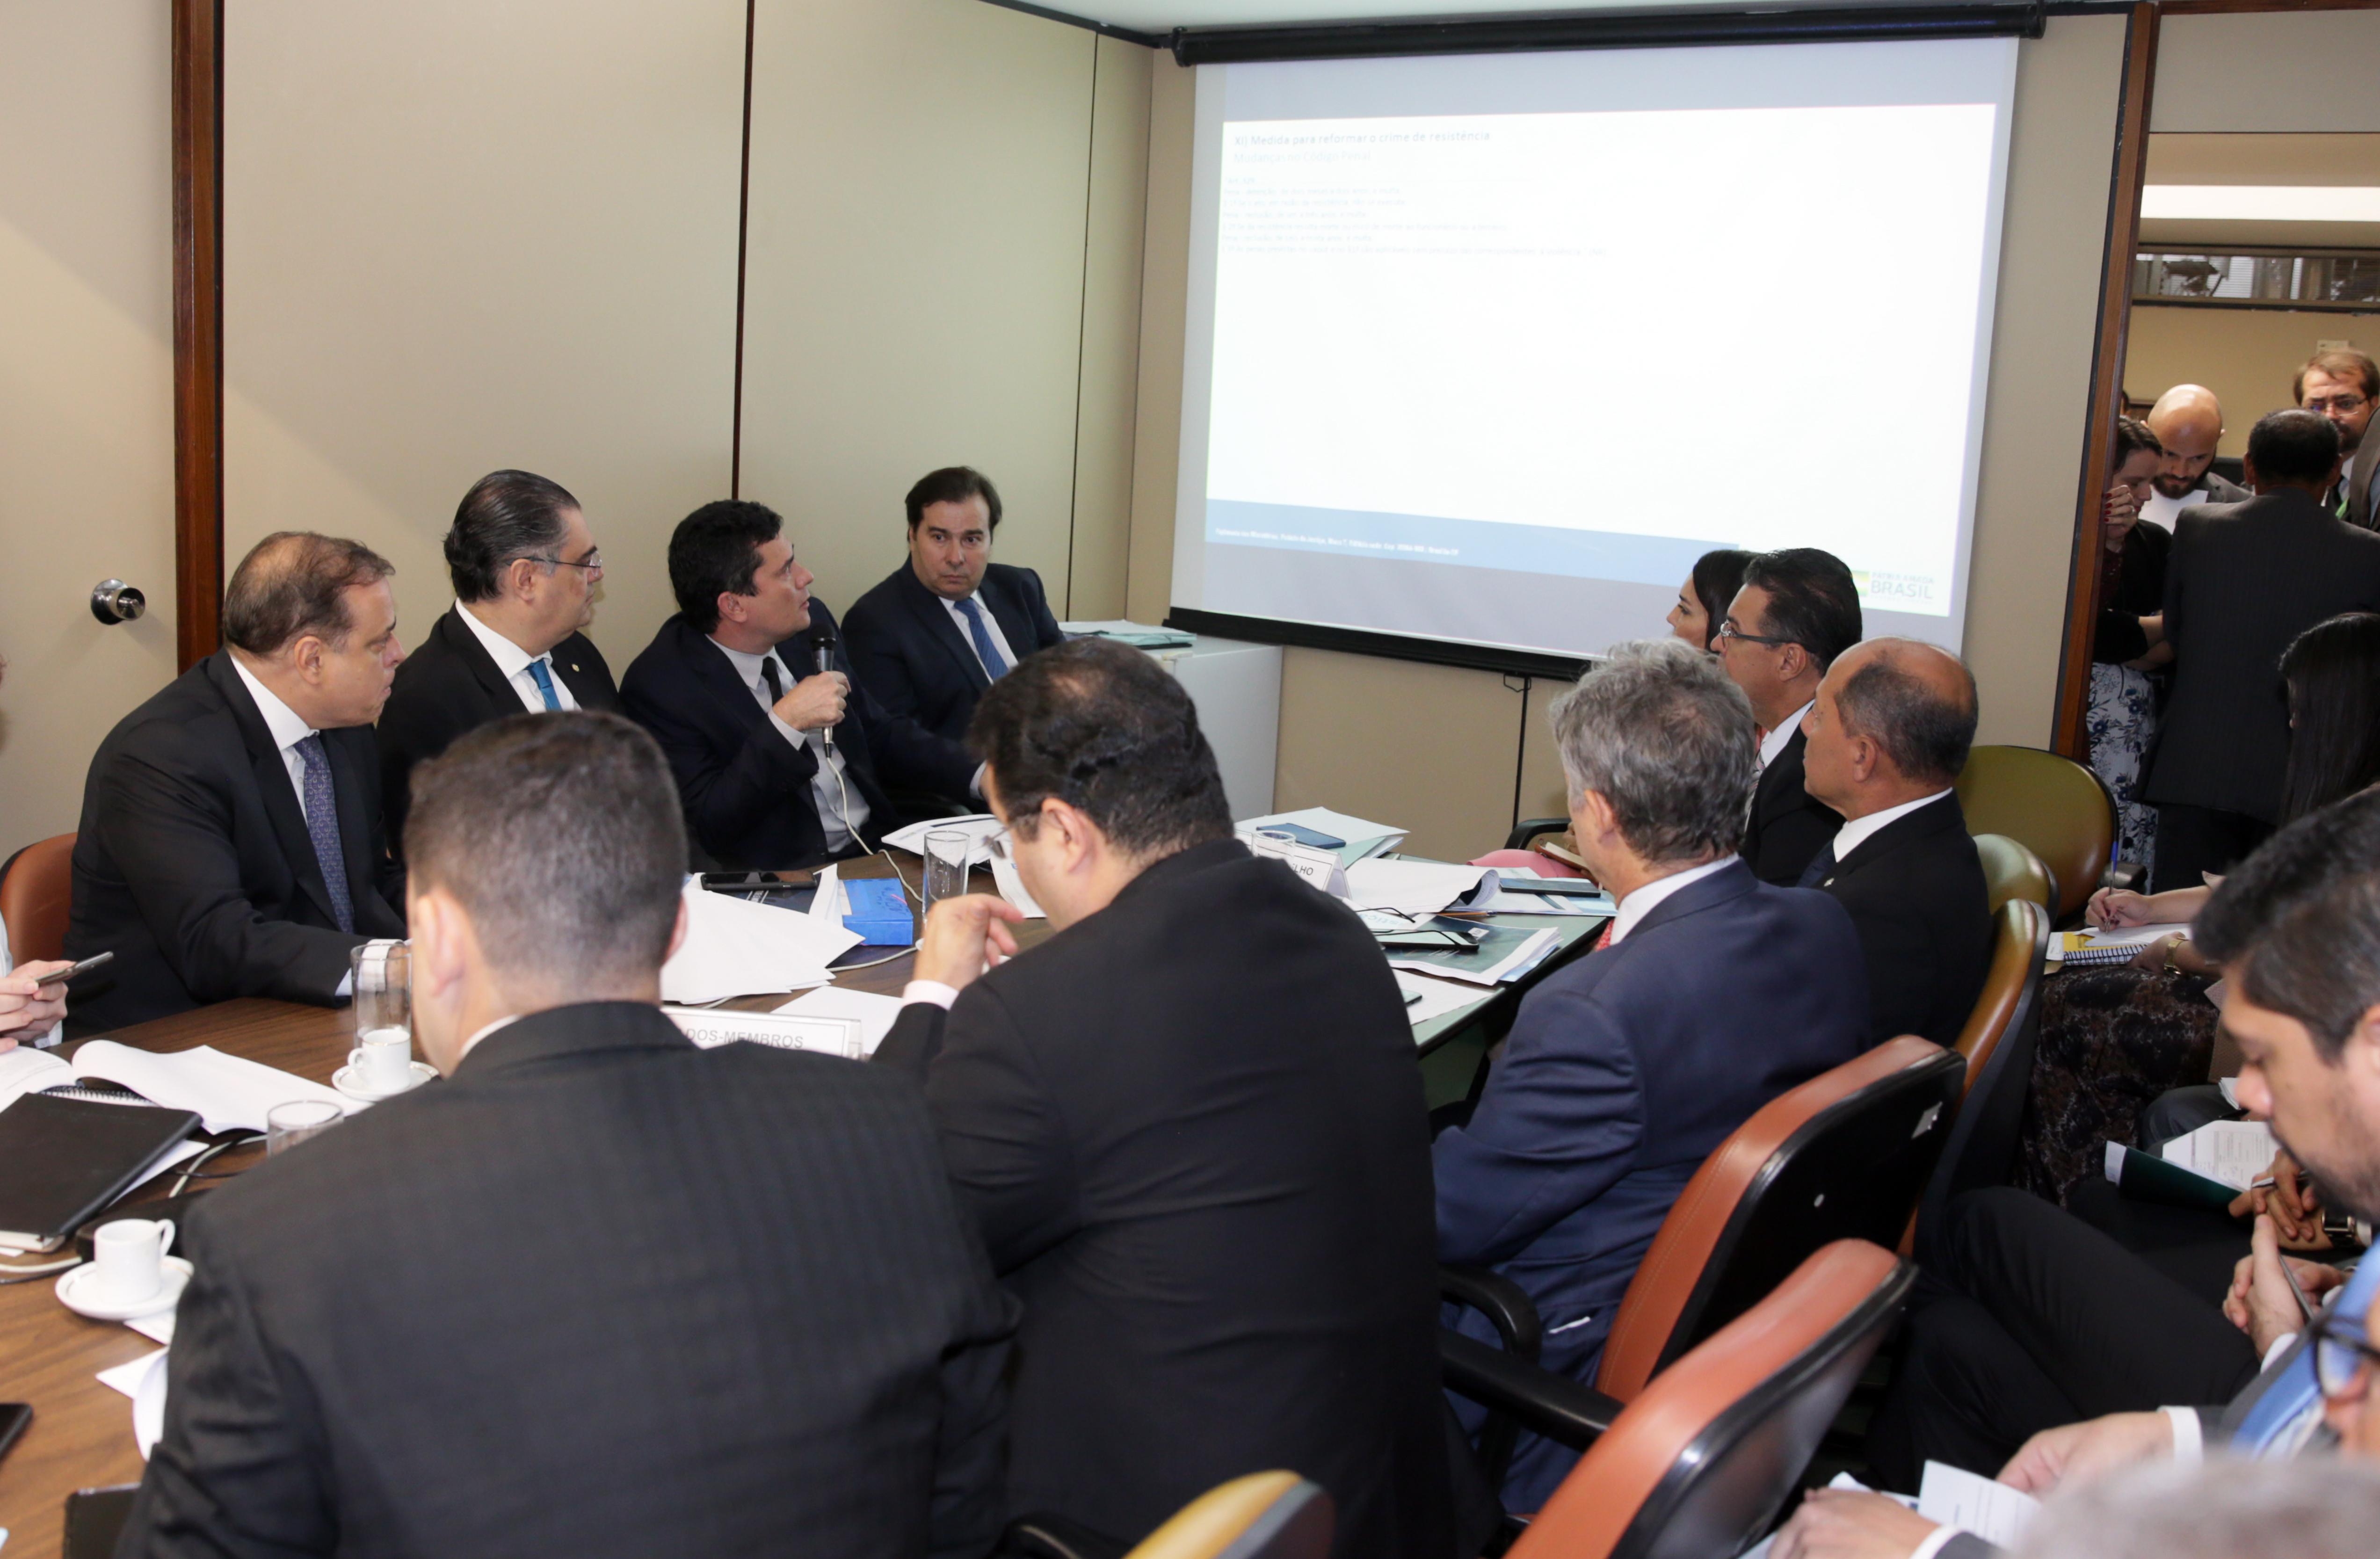 Presidente da Câmara dos Deputados, Rodrigo Maia, e o ministro da Justiça e Segurança Pública, Sérgio Moro, em reunião com o Grupo de Trabalho.